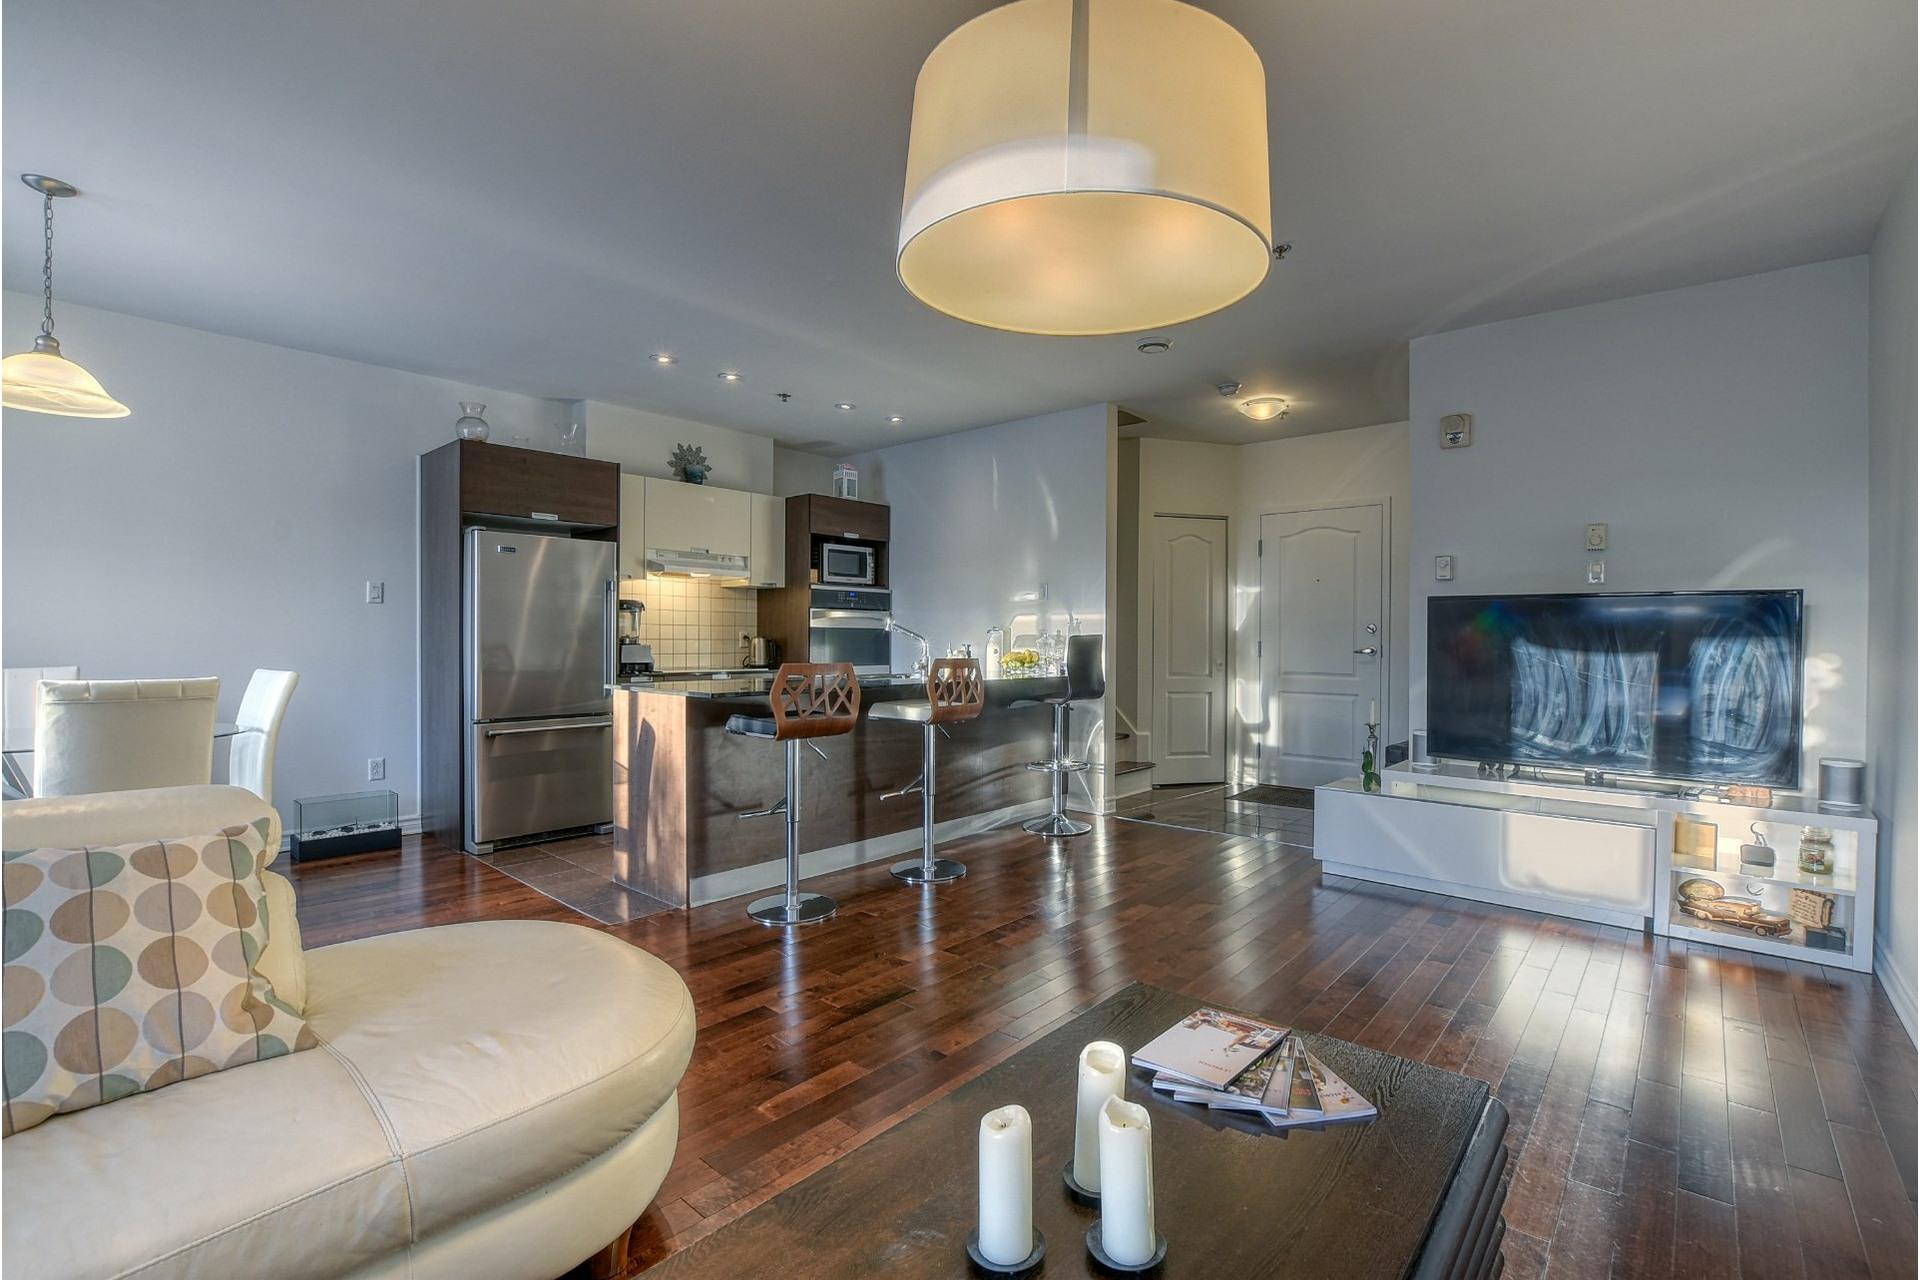 image 2 - Apartment For sale Saint-Laurent Montréal  - 7 rooms